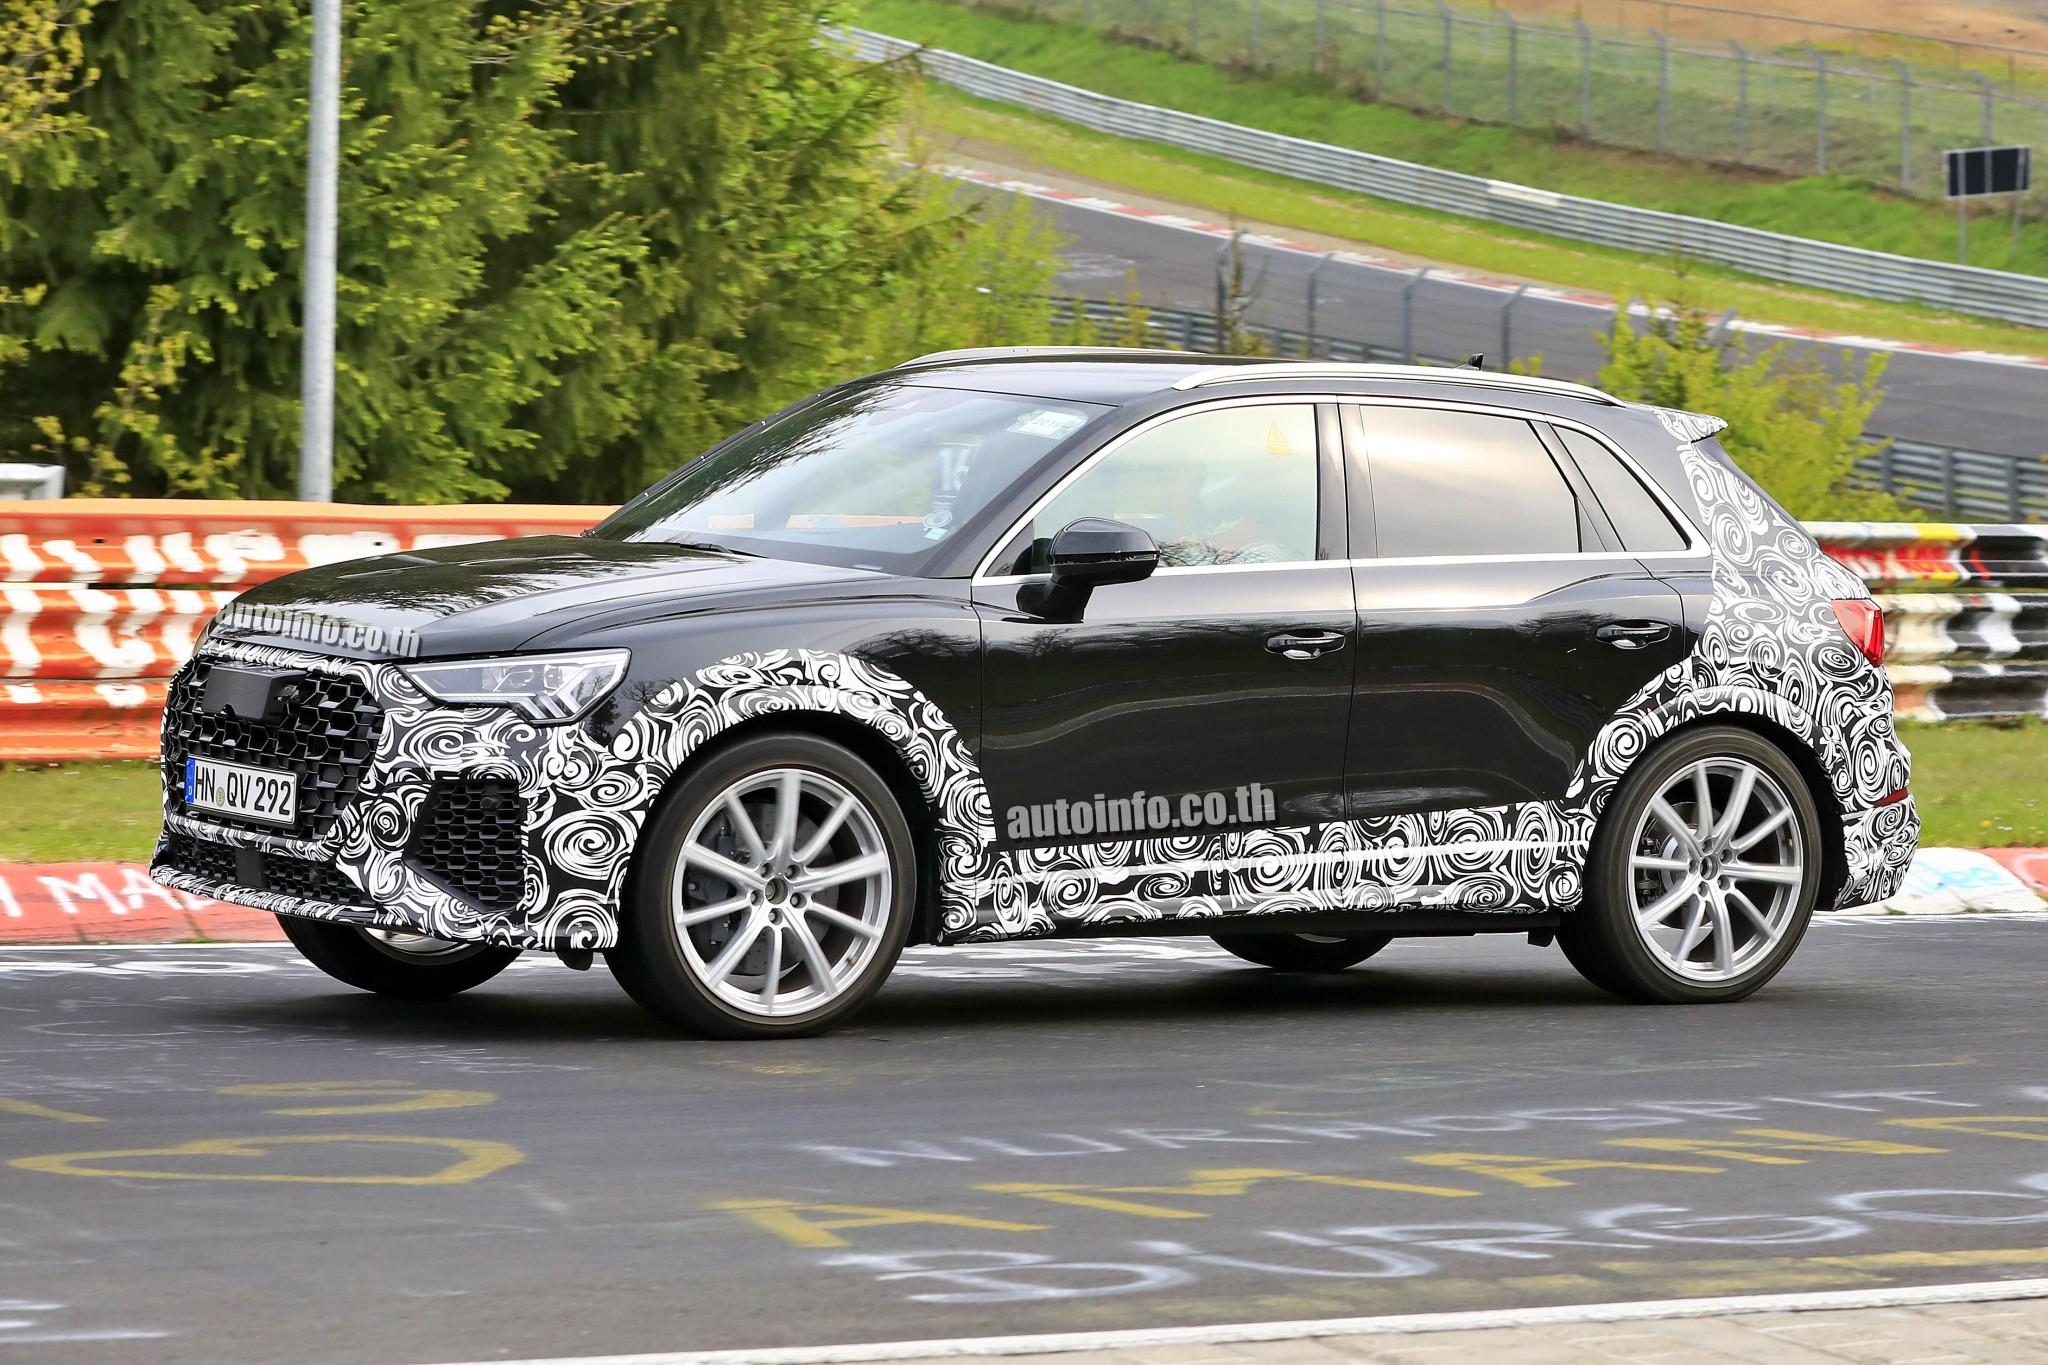 w Audi RS Q3 003